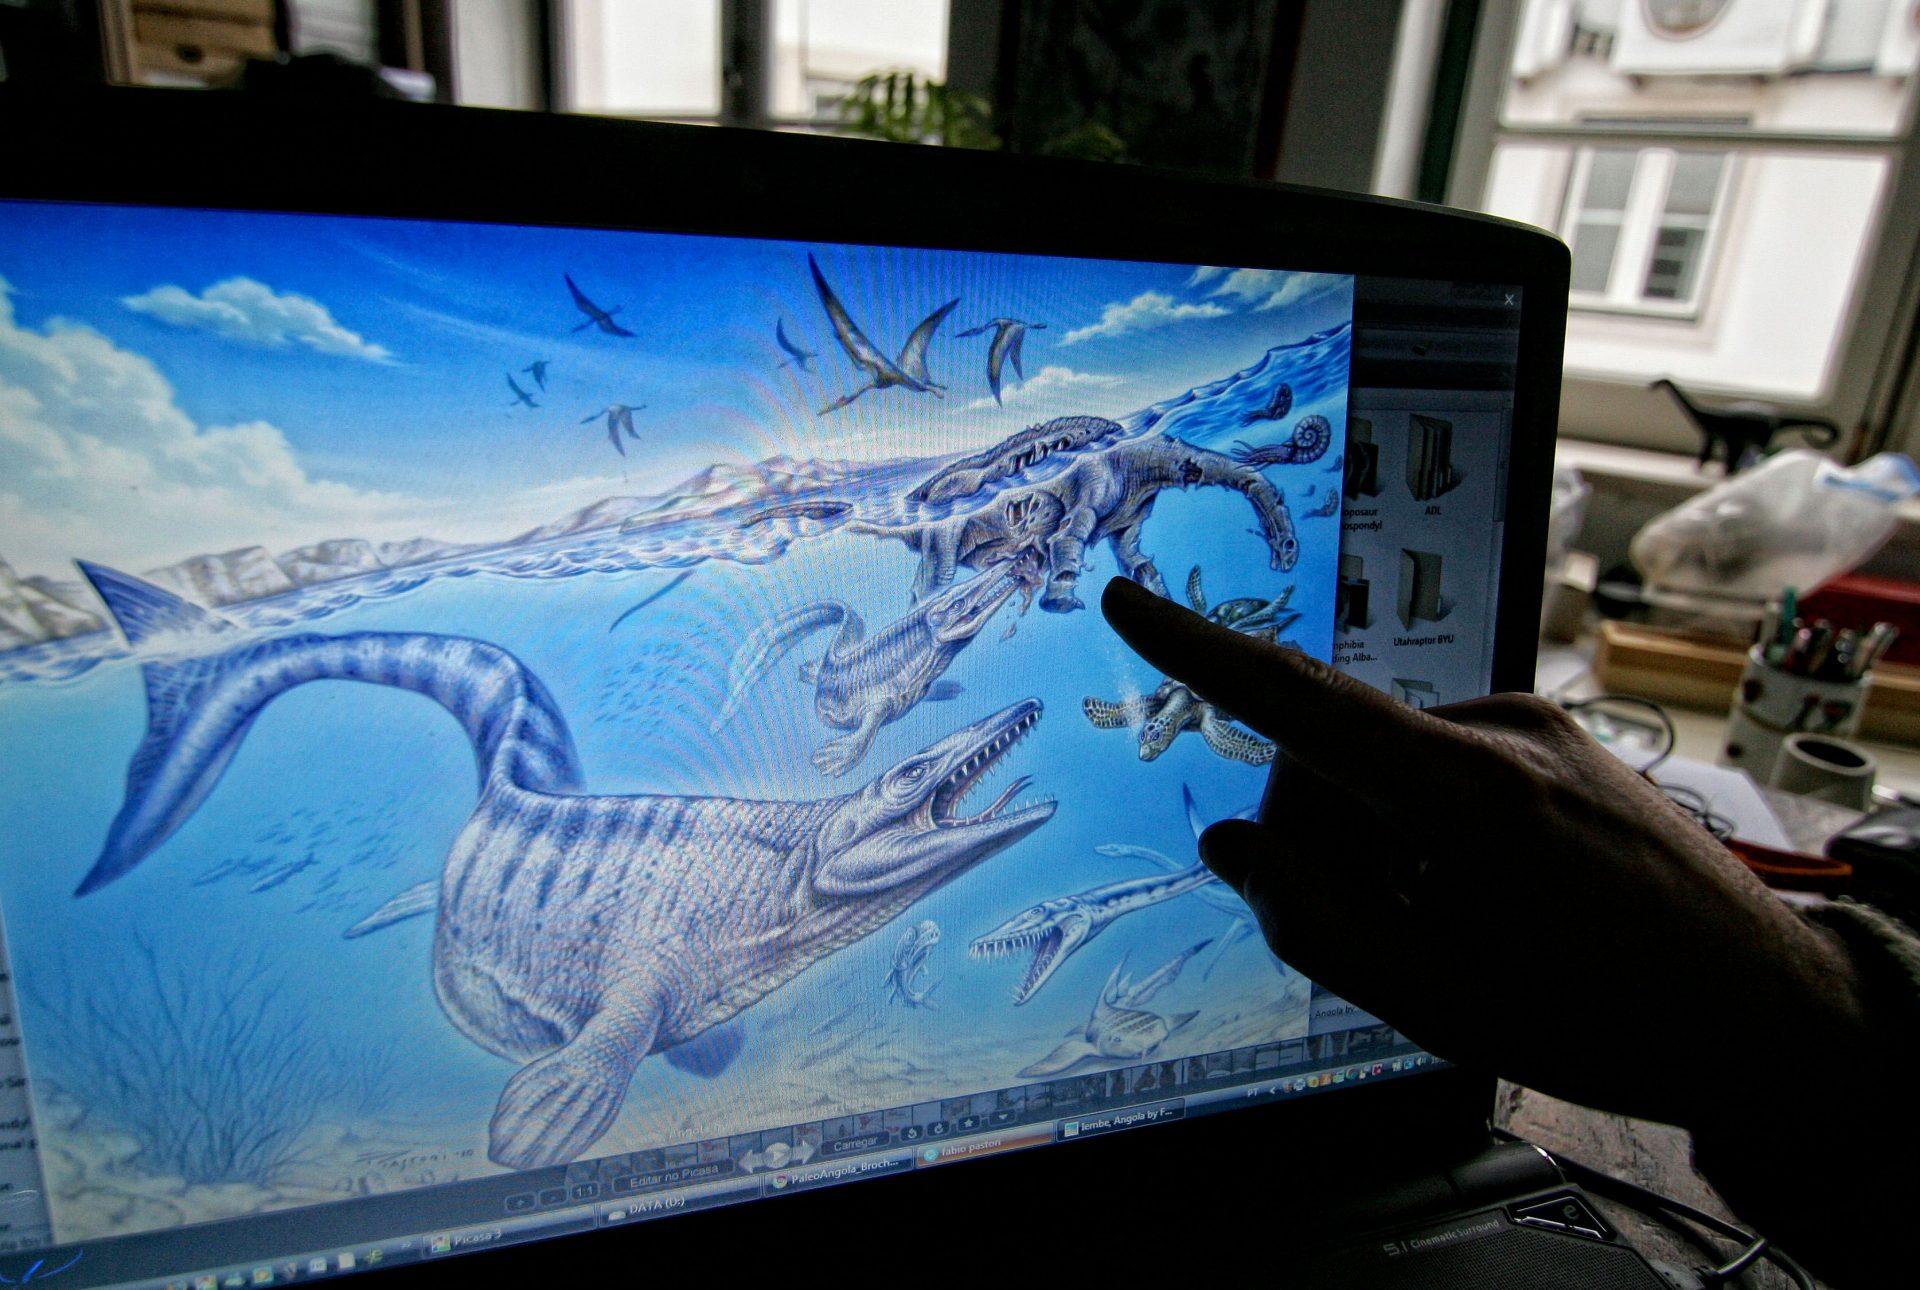 """O paleontólogo português Octávio Mateus mostra uma representação gráfica do dinossauro descoberto em Angola e considerada uma nova espécie para a ciência a que deu o nome de """"Angolatitan Adamastor"""", na Lourinhã, 16 de março de 2011. MARIO CALDEIRA / LUSA"""